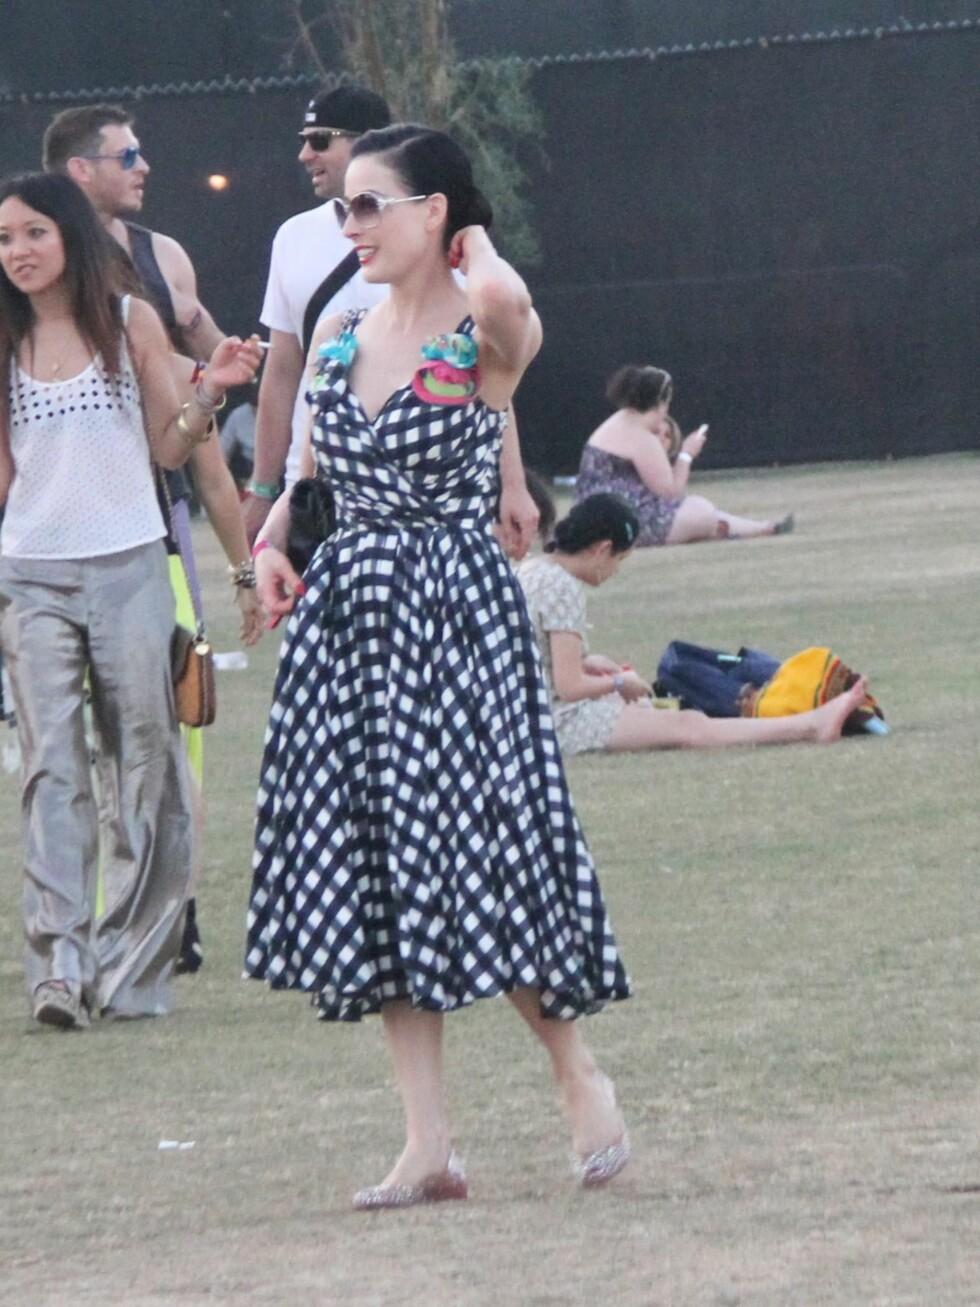 Burlesque-stjerne Dita Von Teese på festival i feminin rutete kjole med blomster.  Foto: All Over Press